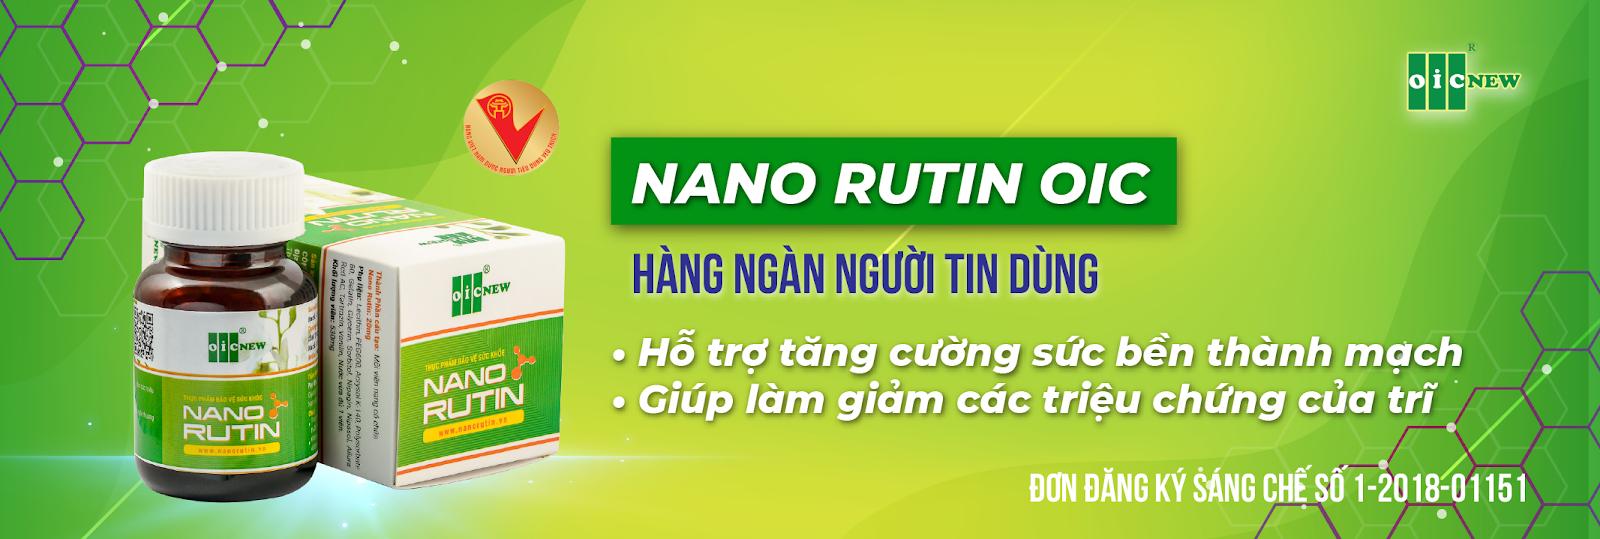 Thuốc Nano Rutin OIC có nhiều công dụng tuyệt vời